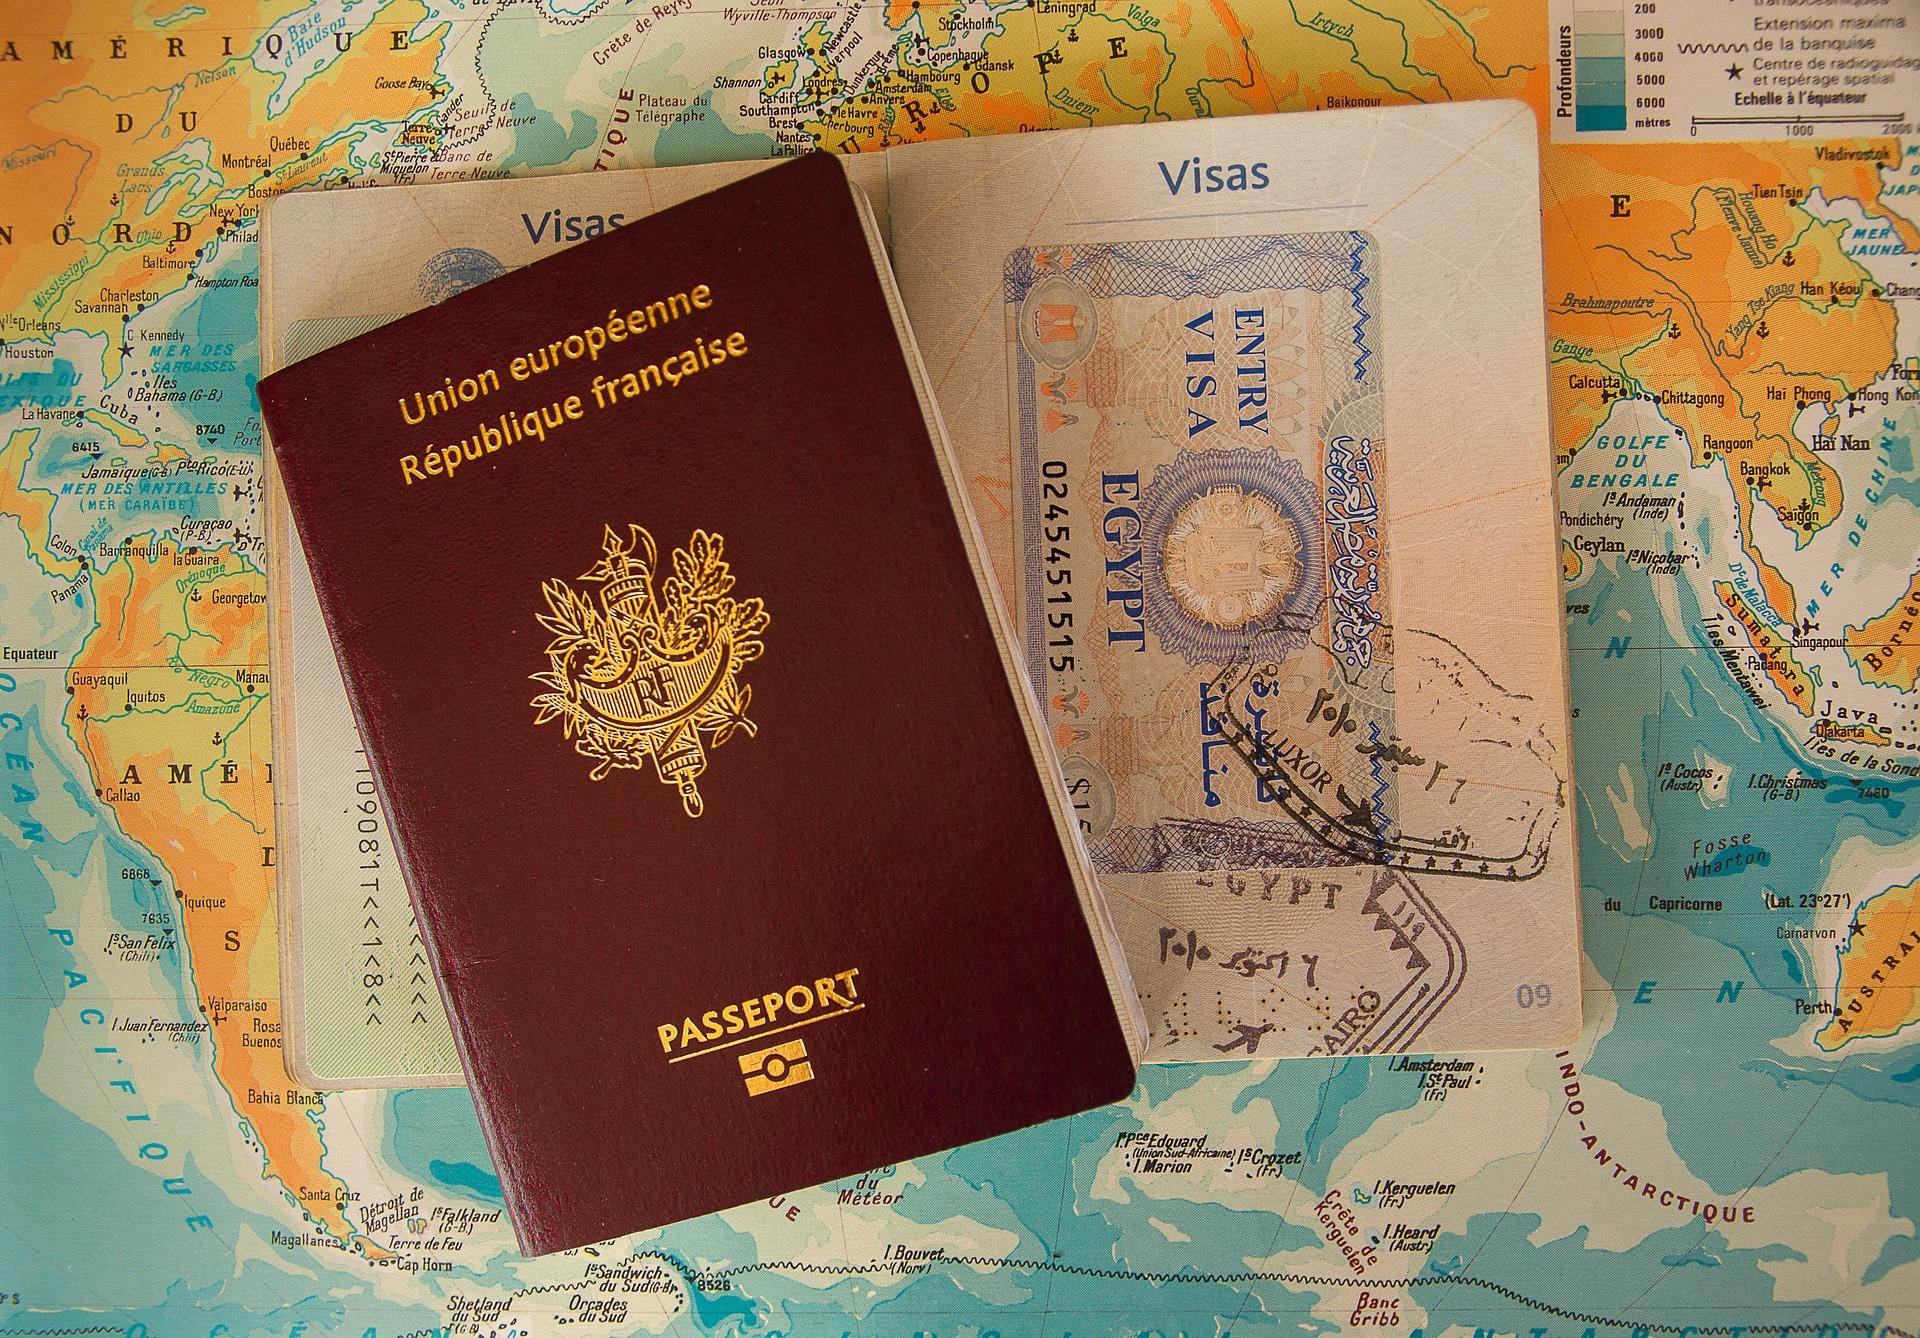 Preparazione di documenti russi per l'Italia. Fase 2. Legalizzazione dei documenti.